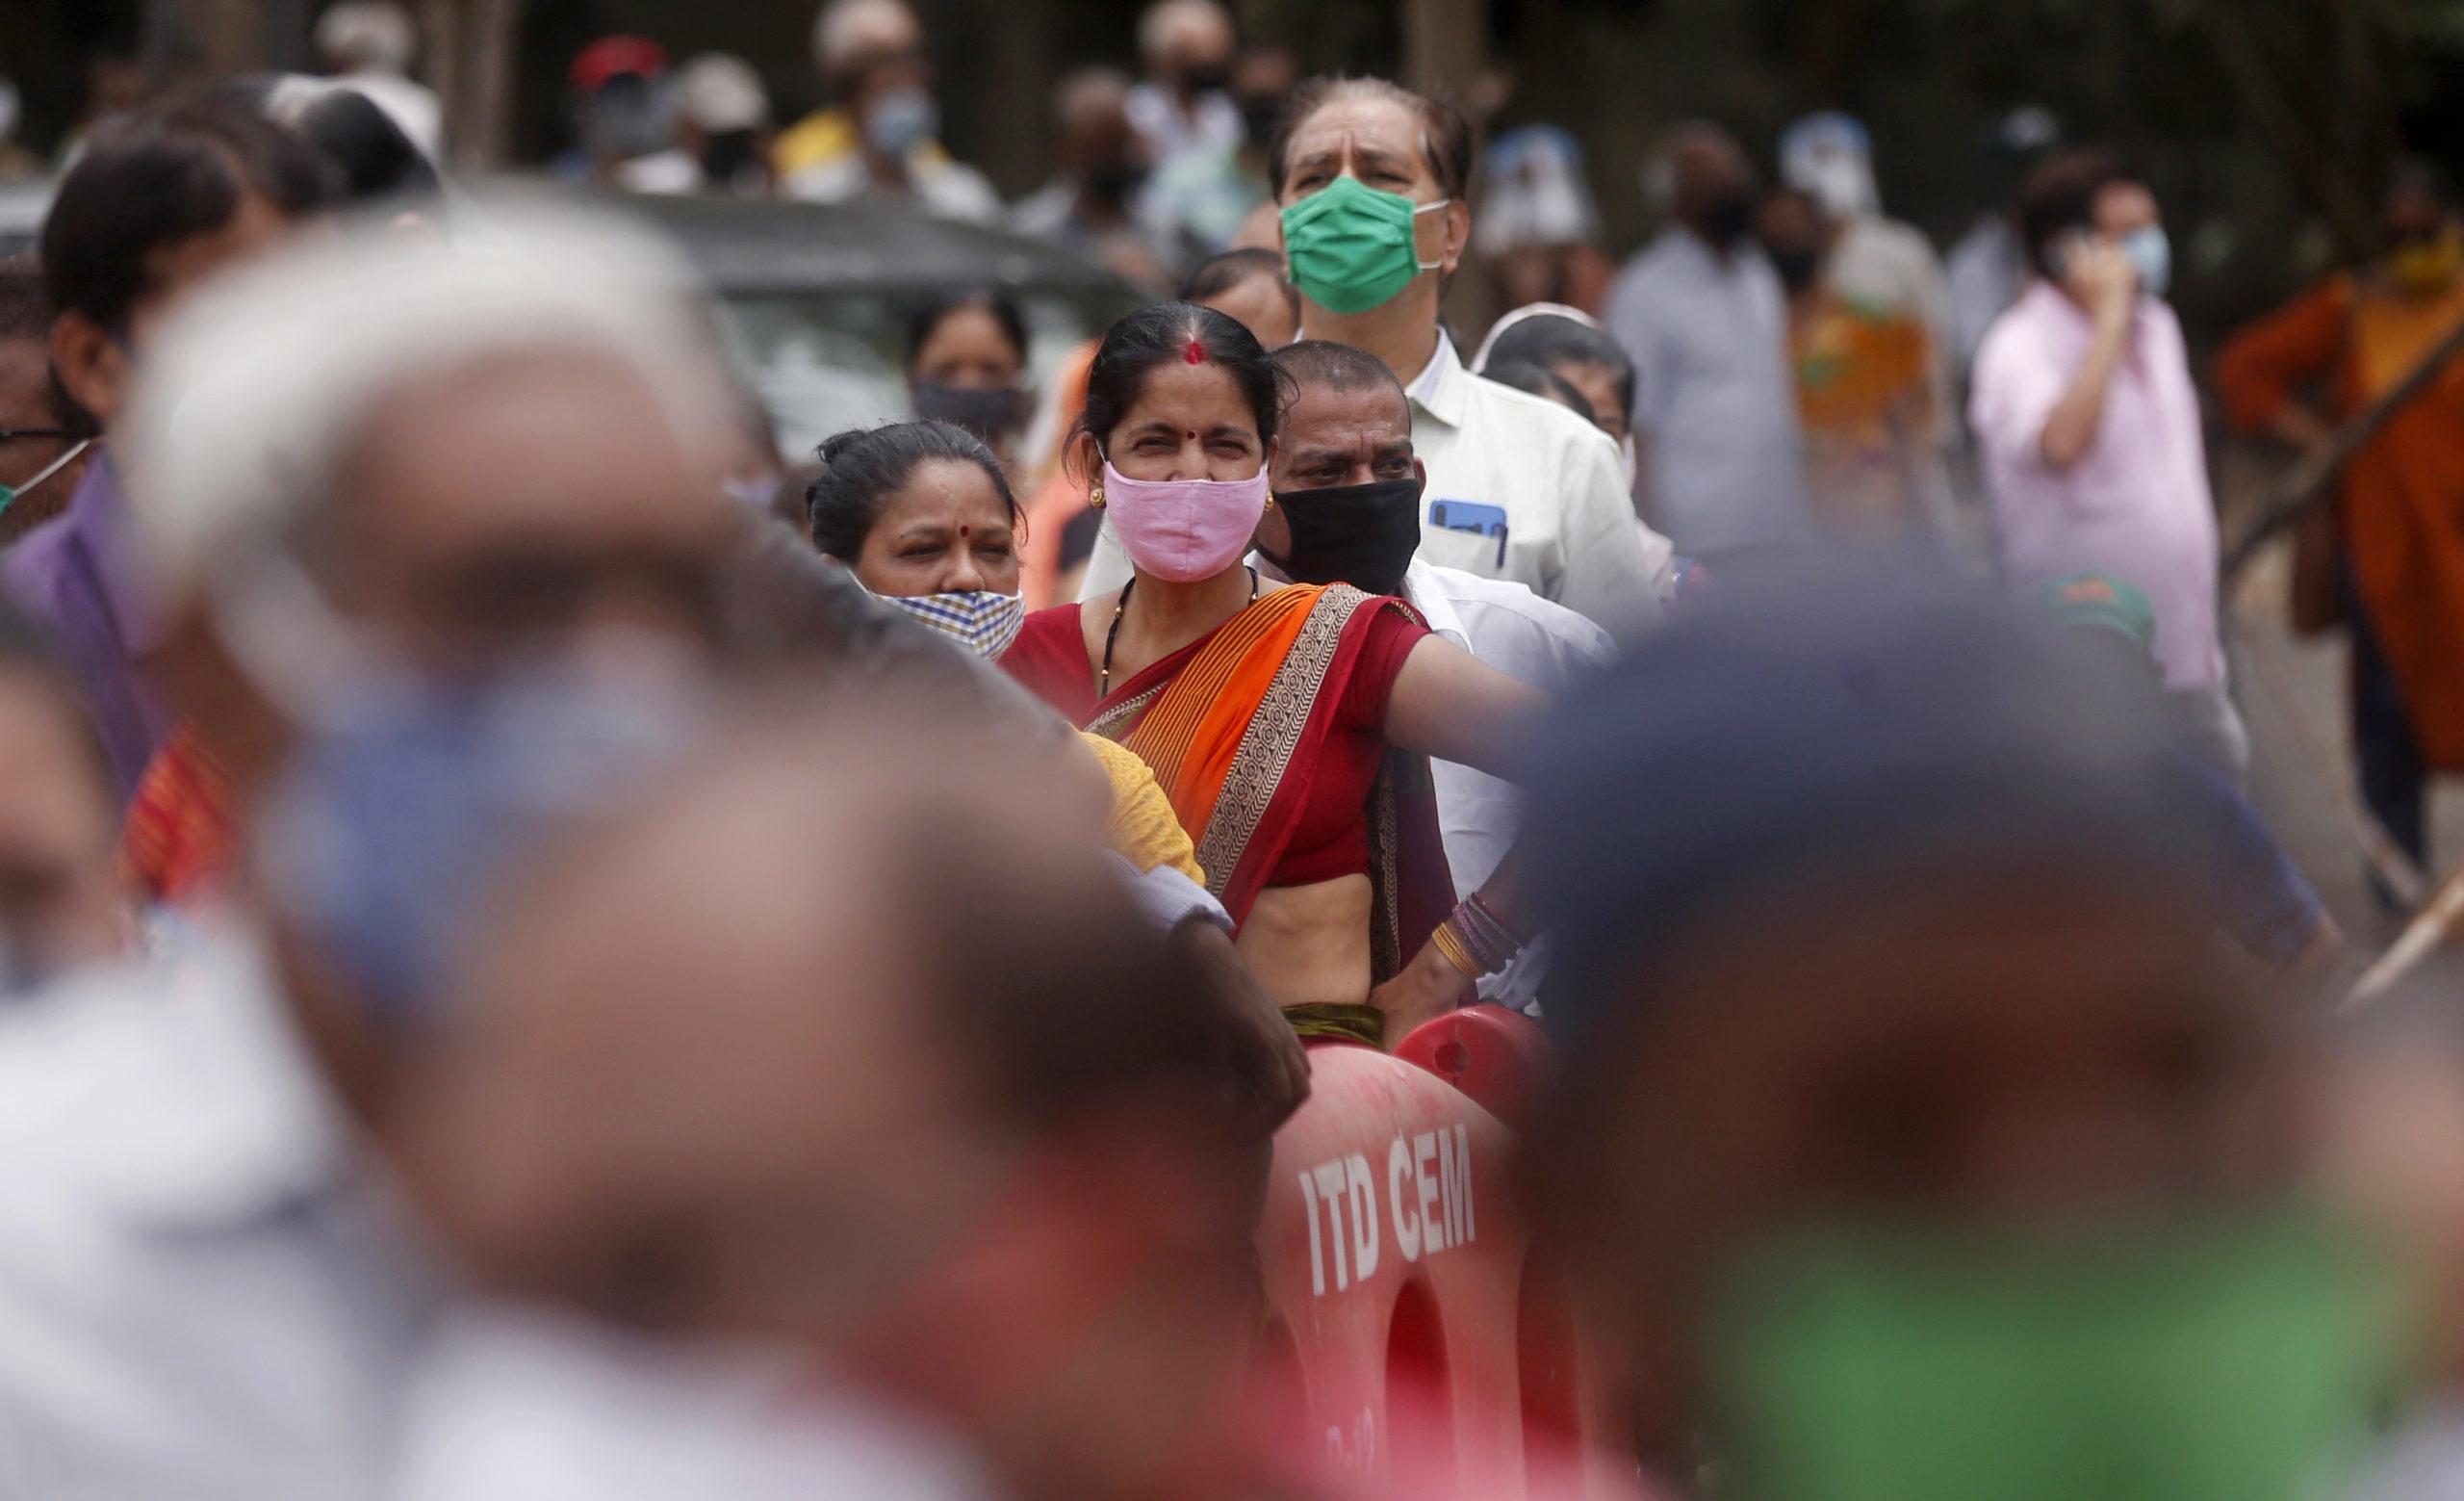 Ινδική μετάλλαξη: Γιατί προβληματίζει τους ειδικούς - Πόσο μας επηρεάζει - ertnews.gr